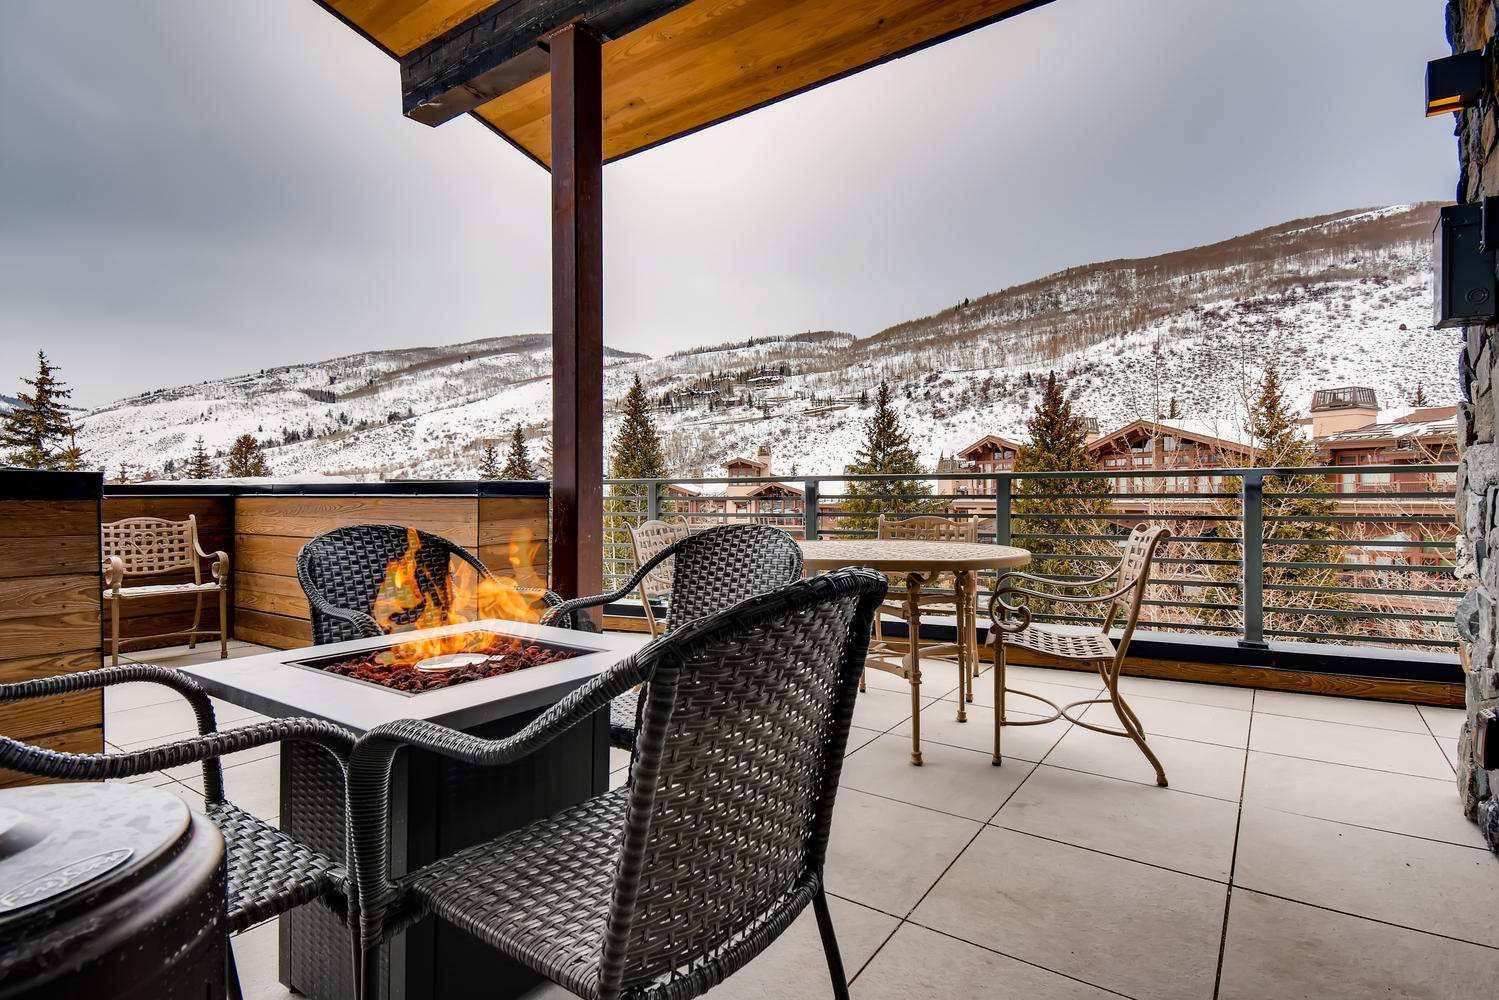 Luxury rentals Vail Colorado